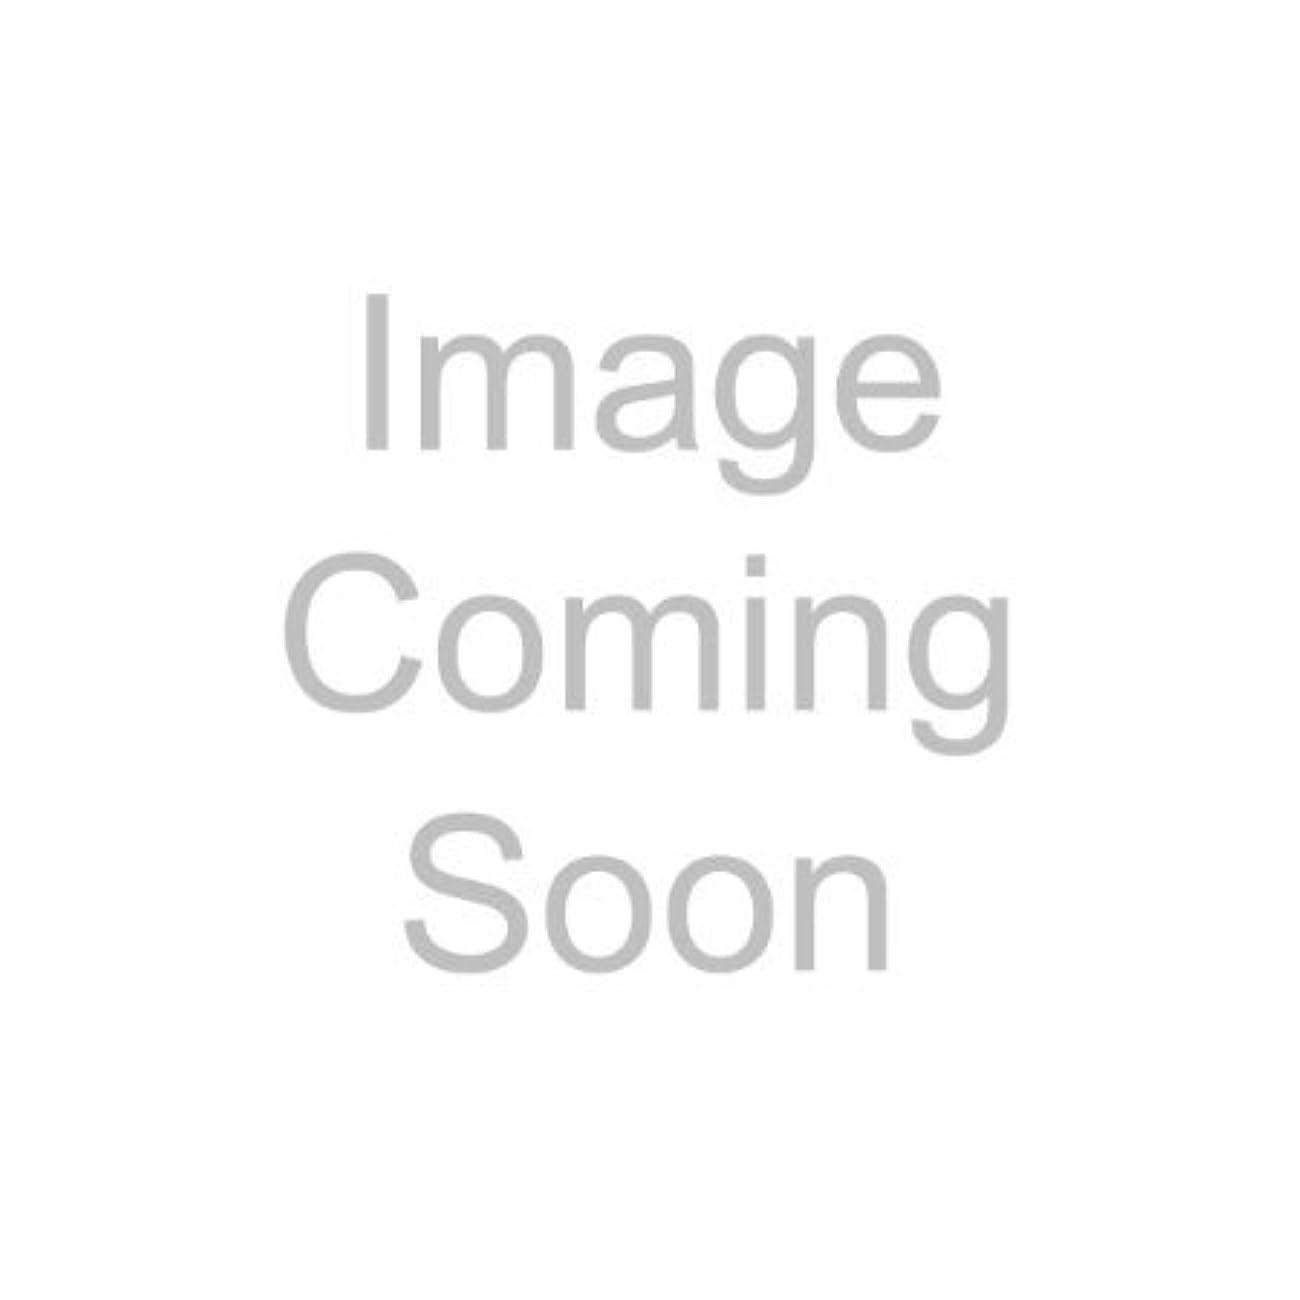 軍隊別れる配管エリザベスアーデン ビジブル ホワイトニング メラニン コントロール ナイトカプセル トラベルセット 17.2mlx3(37カプセルx3) [並行輸入品]